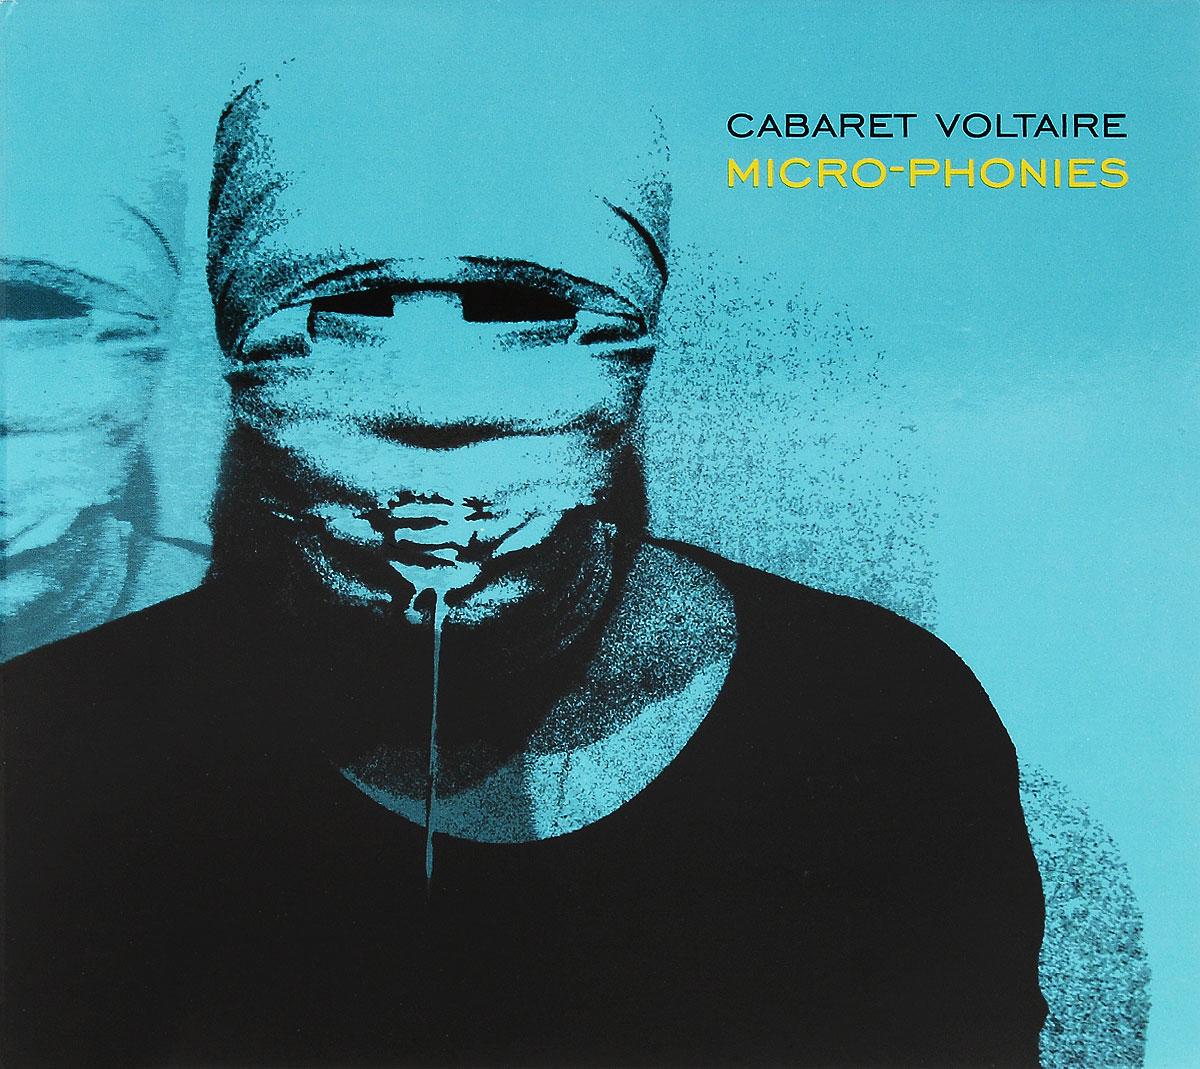 Cabaret Voltaire Cabaret Voltaire Micro-Phonies